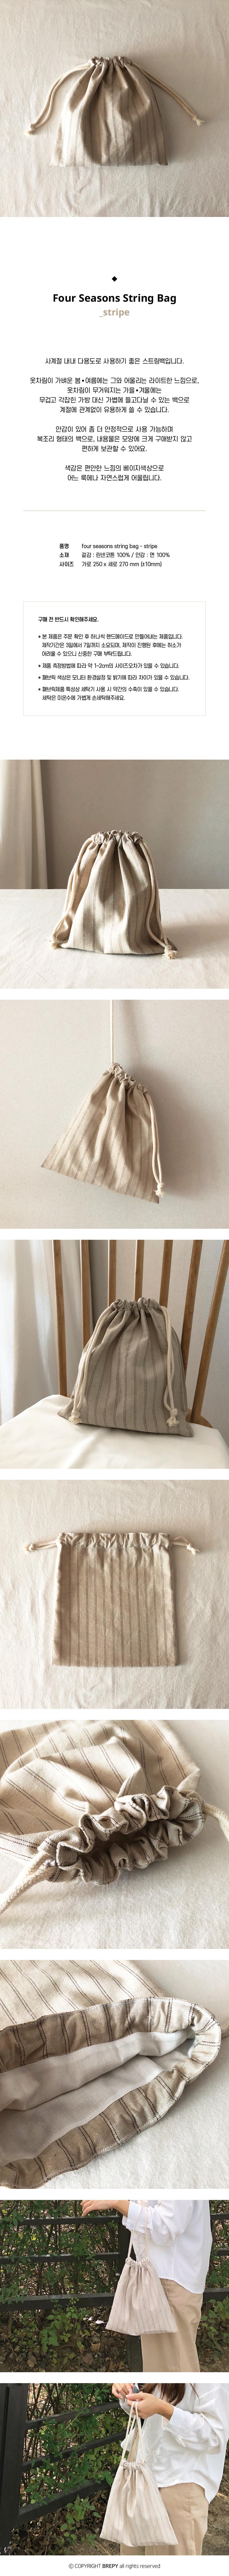 사계절 스트링 백 (four seasons string bag) - stripe - 브레피, 15,500원, 다용도파우치, 끈/주머니형